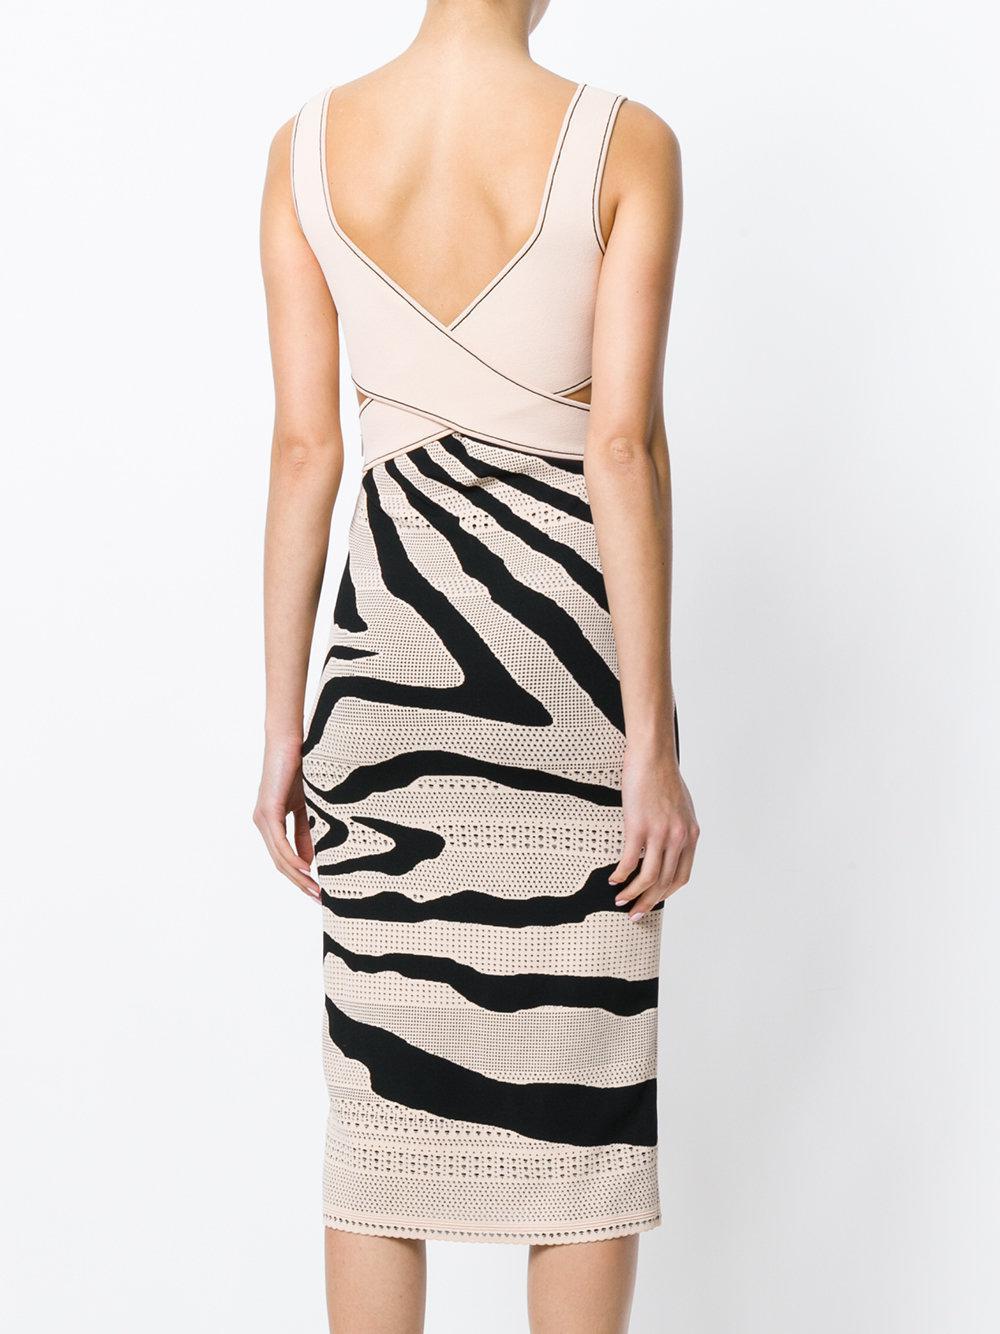 zebra cut-out dress - Pink & Purple Roberto Cavalli OlnK2fWT